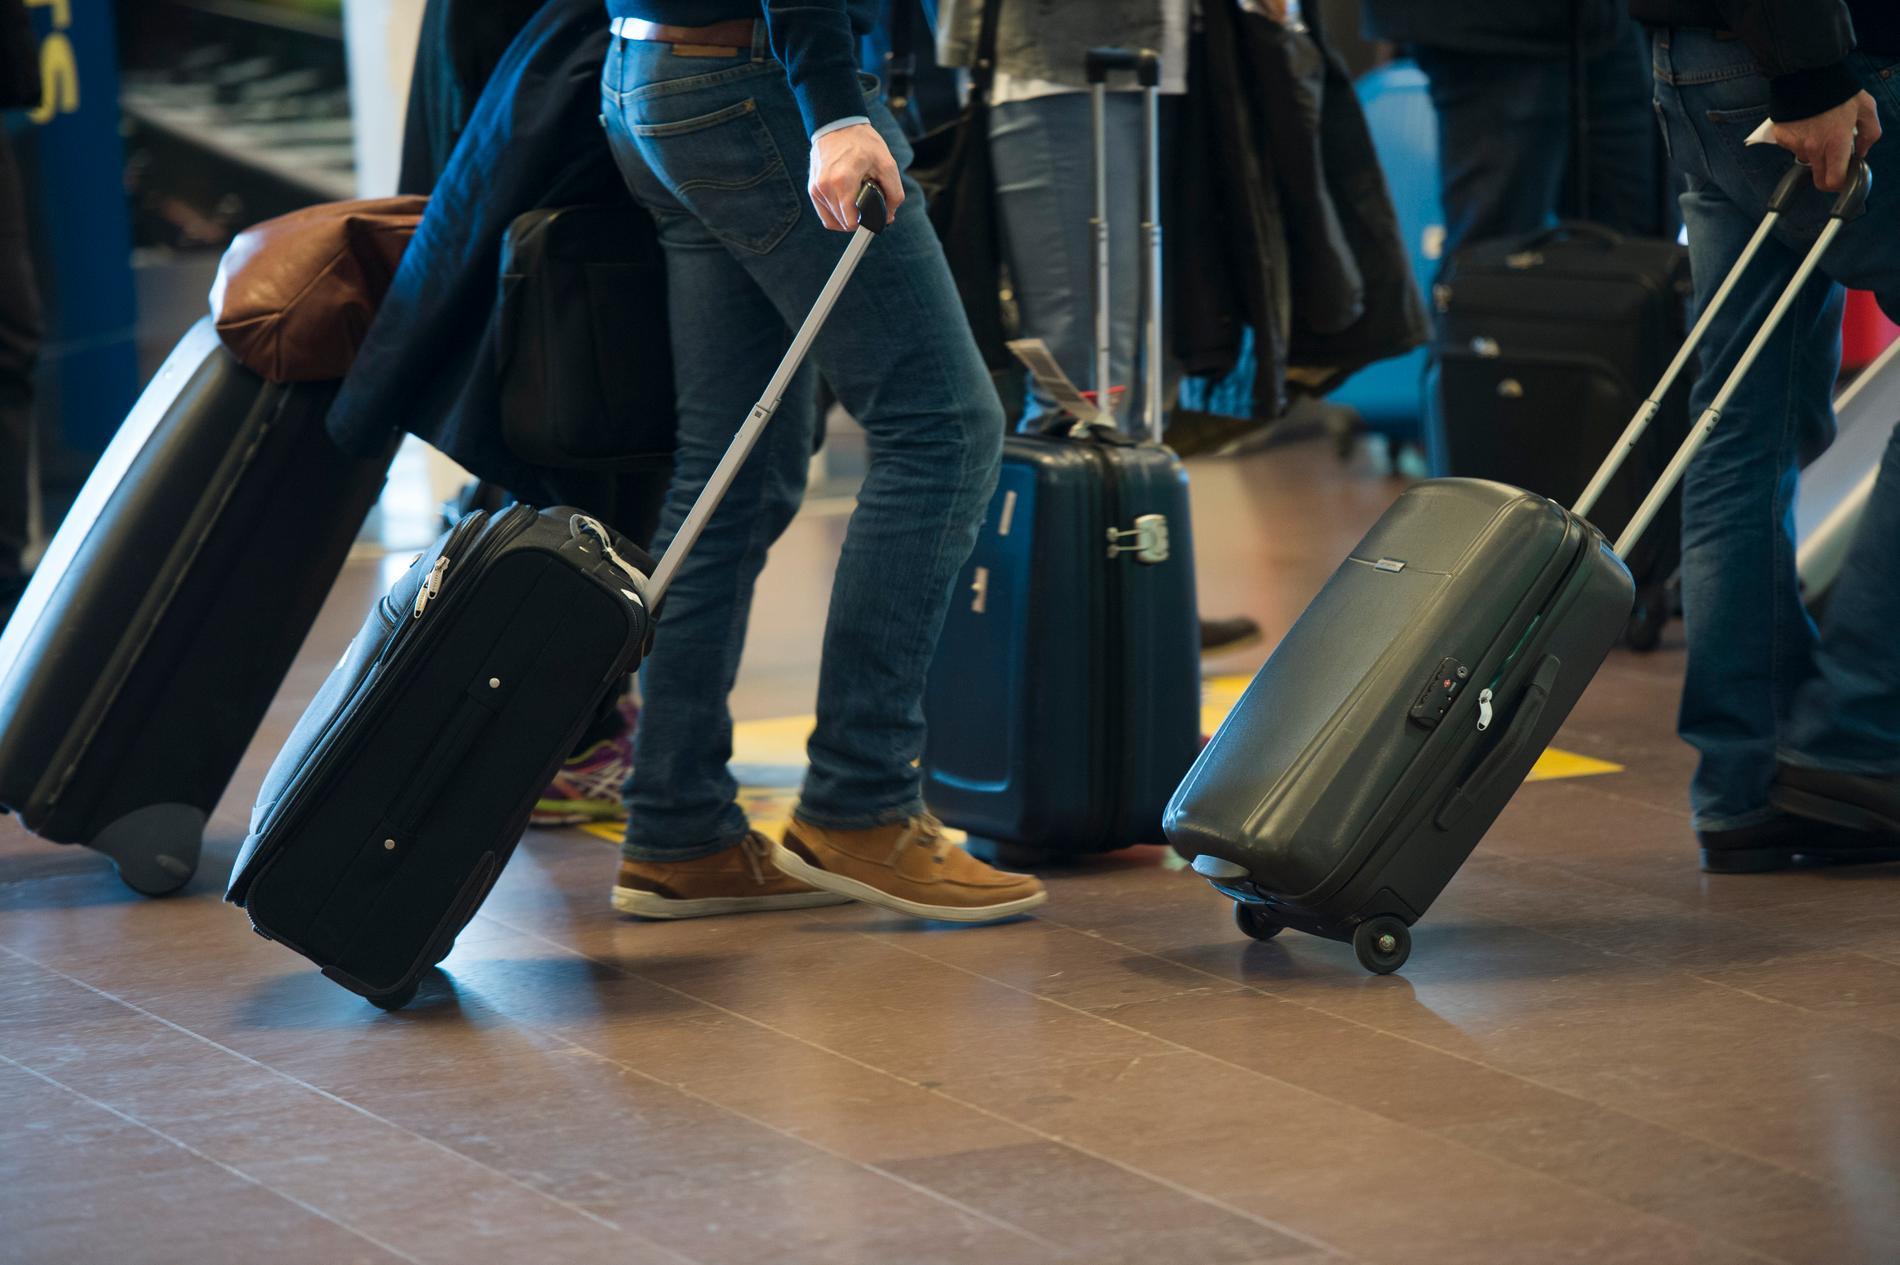 Franska forskare kastar ljus på problemet med ostadiga rullväskor som gäckar stressade resenärer världen över.